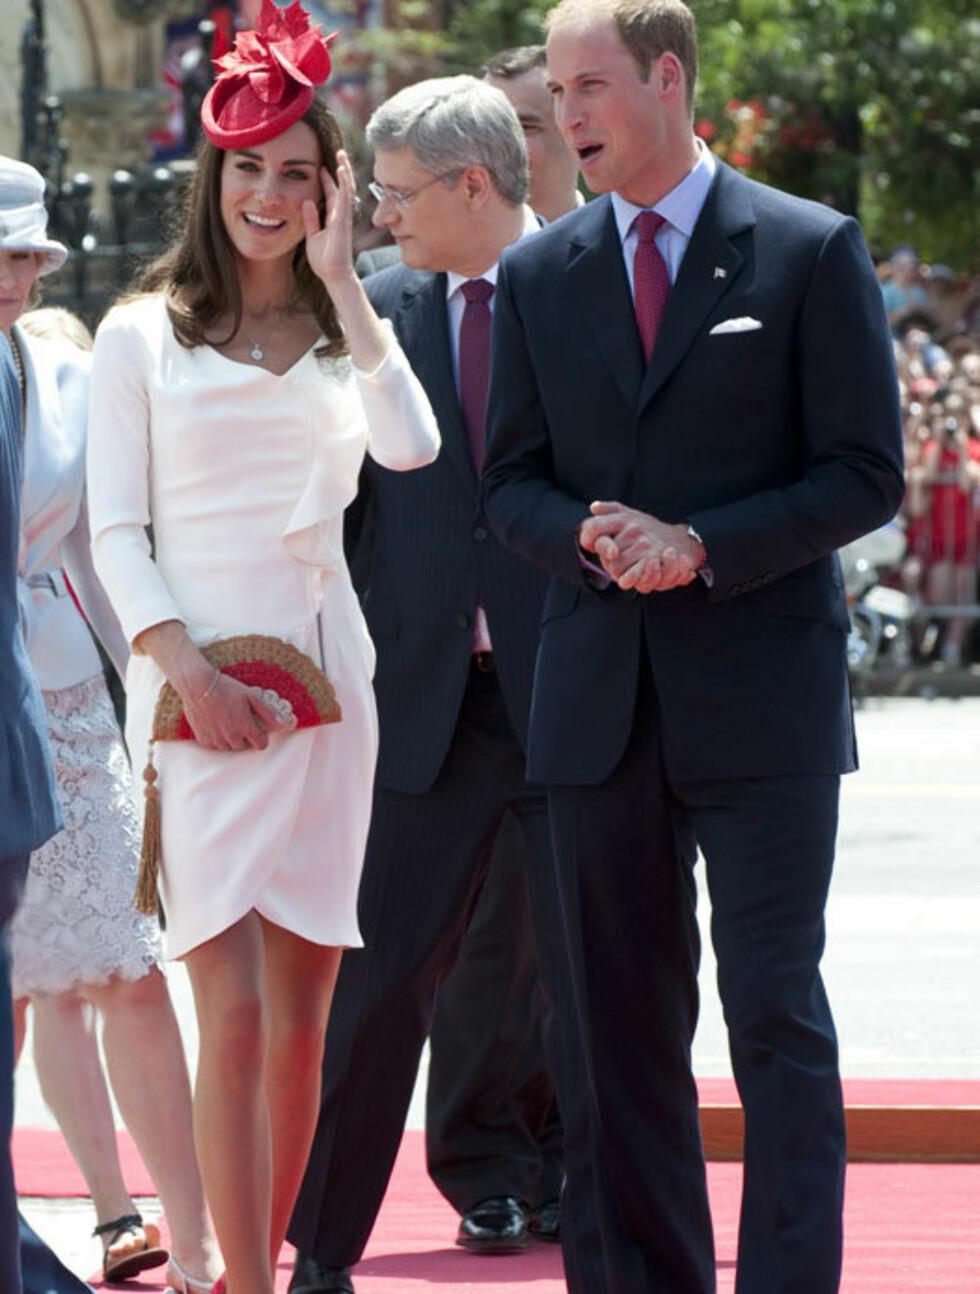 GJENBRUK: I Ottowa iførte hertuginne Kate seg kjole fra det britiske merket Reiss, som hun også brukte på de offiesielle forlovelsesbildene, stilig vifteformet veske fra Anya Hindmarch, røde pumps, en brosje lånt av dronningen - og en liten rød hatt Foto: All Over Press